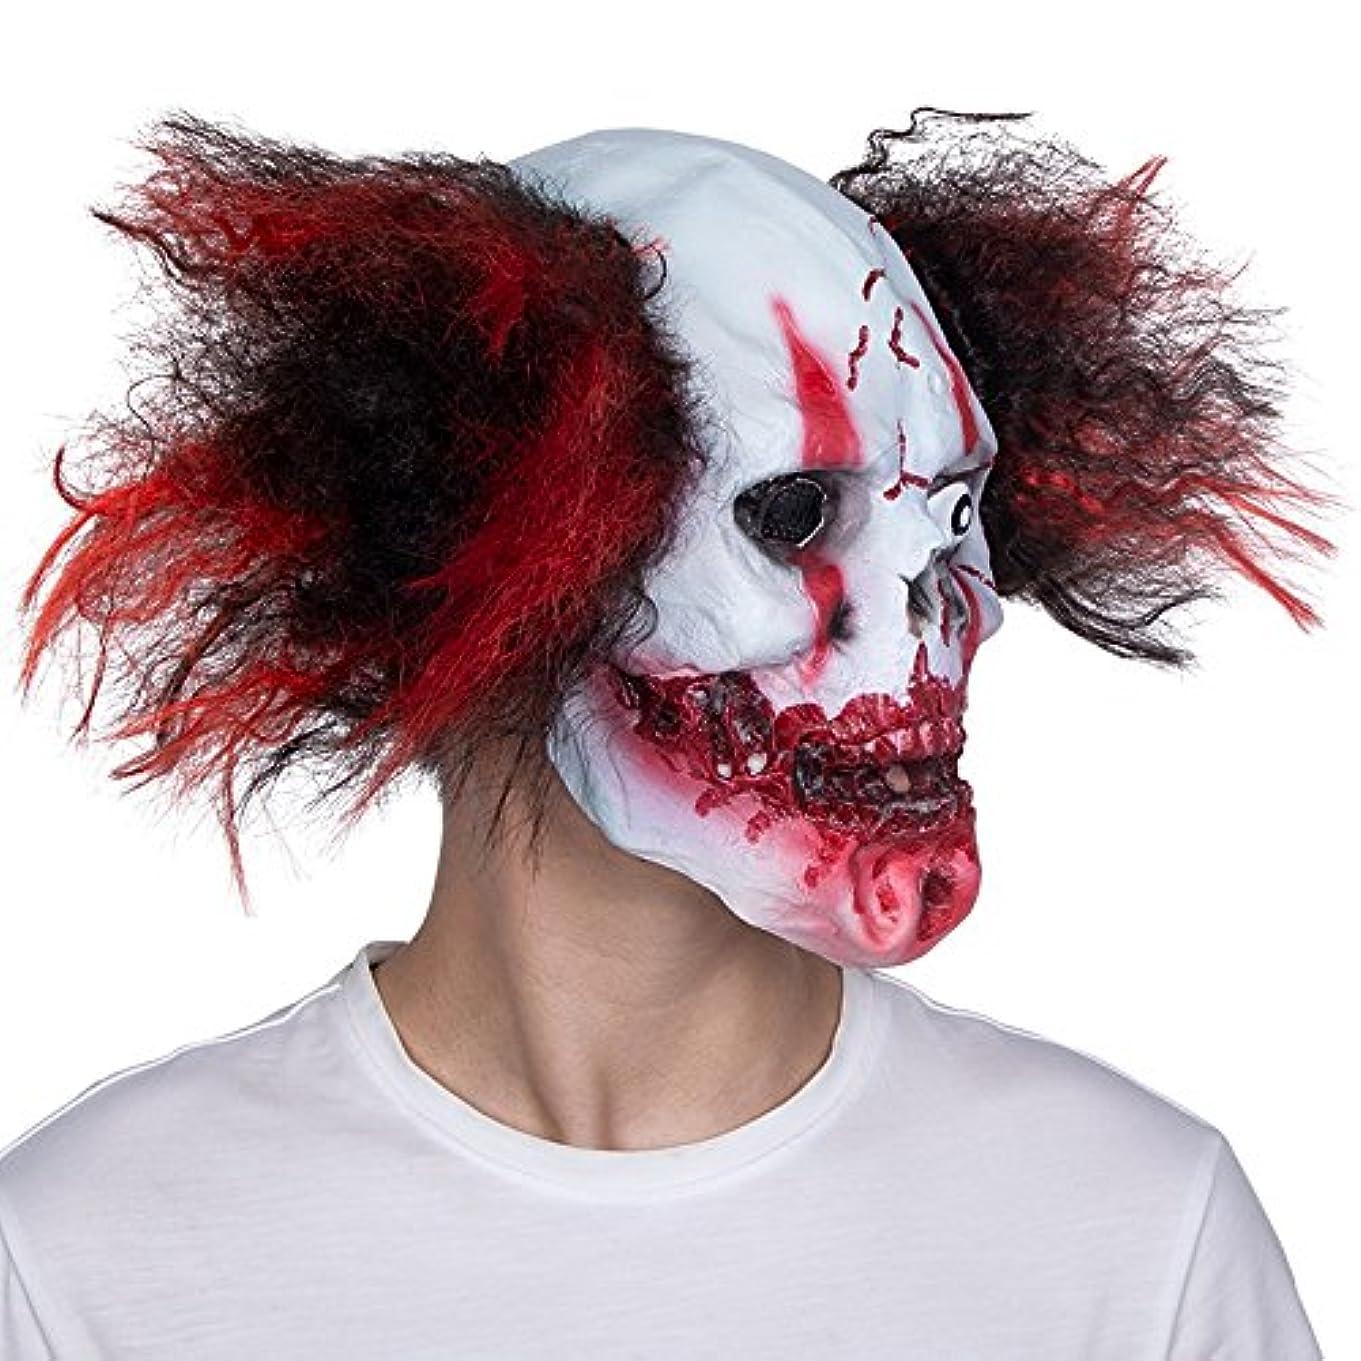 昼食破壊突き出すハロウィーンホワイトマスク大人男性フルフェイスホラー骷髅悪魔ラテックスフードなりすまし怖いマスクダンス